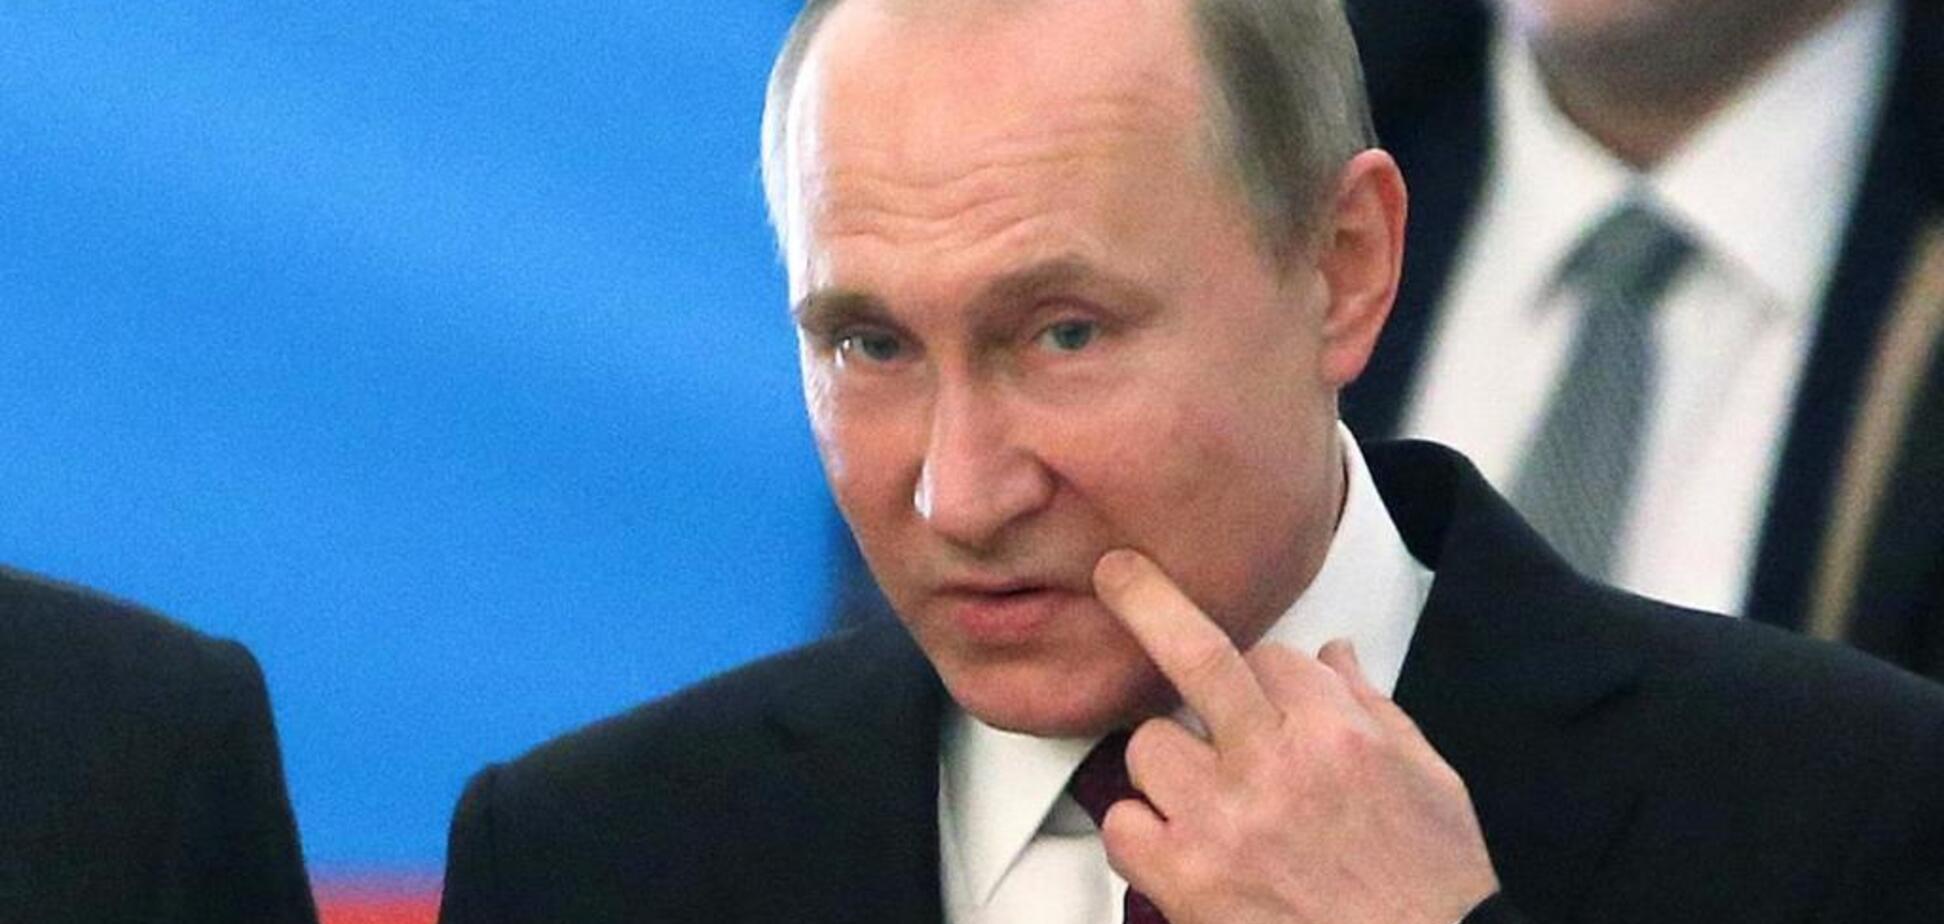 'Припав до витоків!' Путін обурив мережу замашками Гітлера